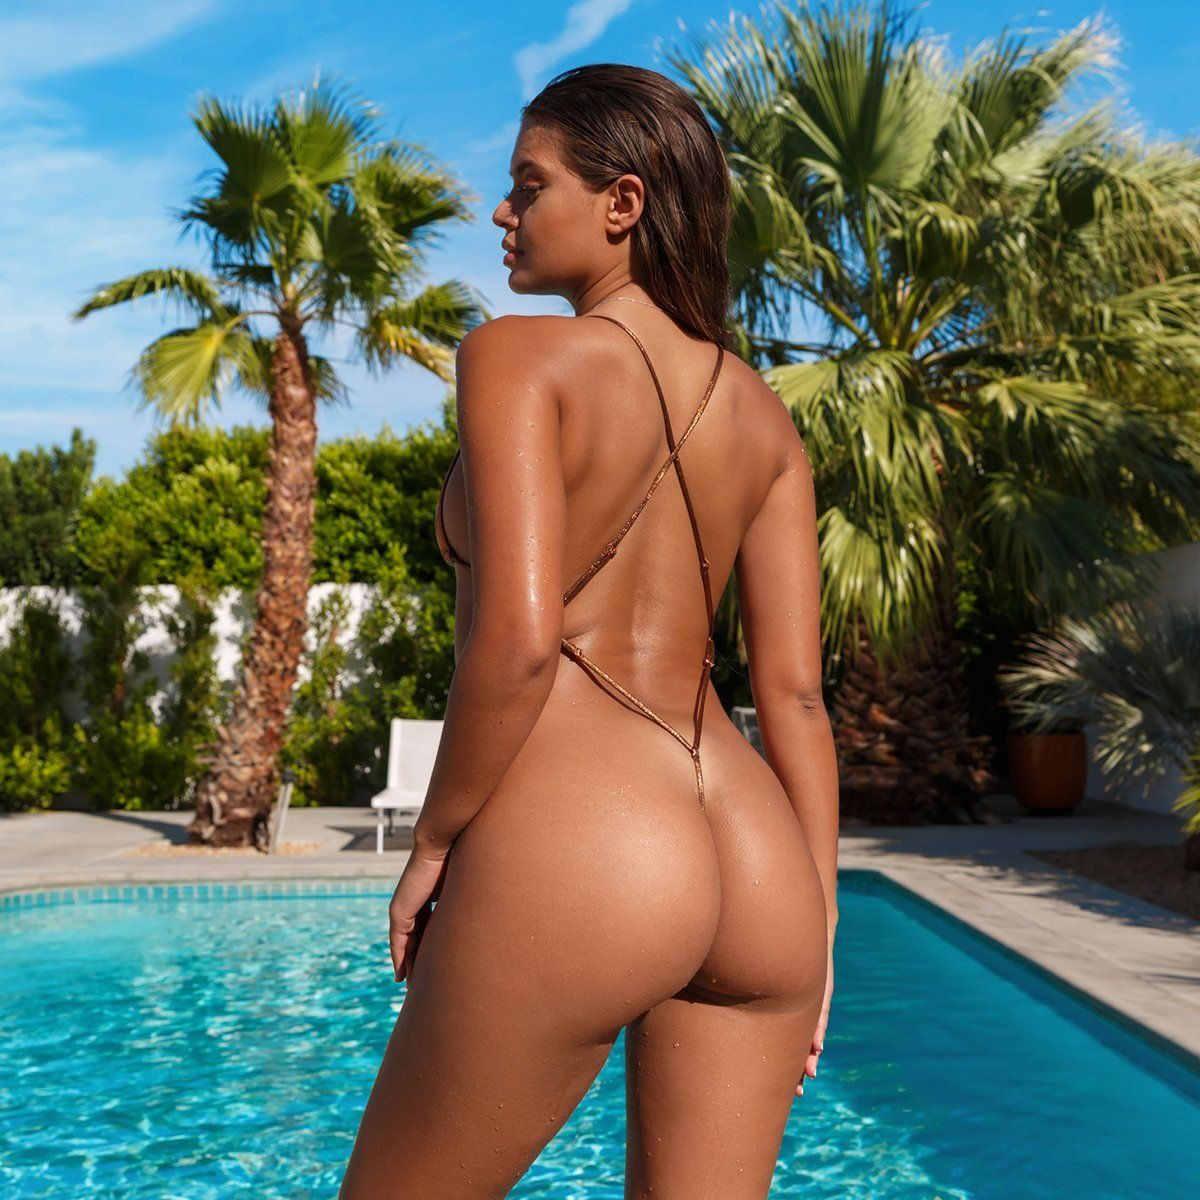 Đồ Bơi Gợi Cảm Tanga Thông Bikini Neon Monokini 1 Bộ Đồ Bơi Nữ Micro Quần Bơi Đầu + Đáy + Lưới Coverup